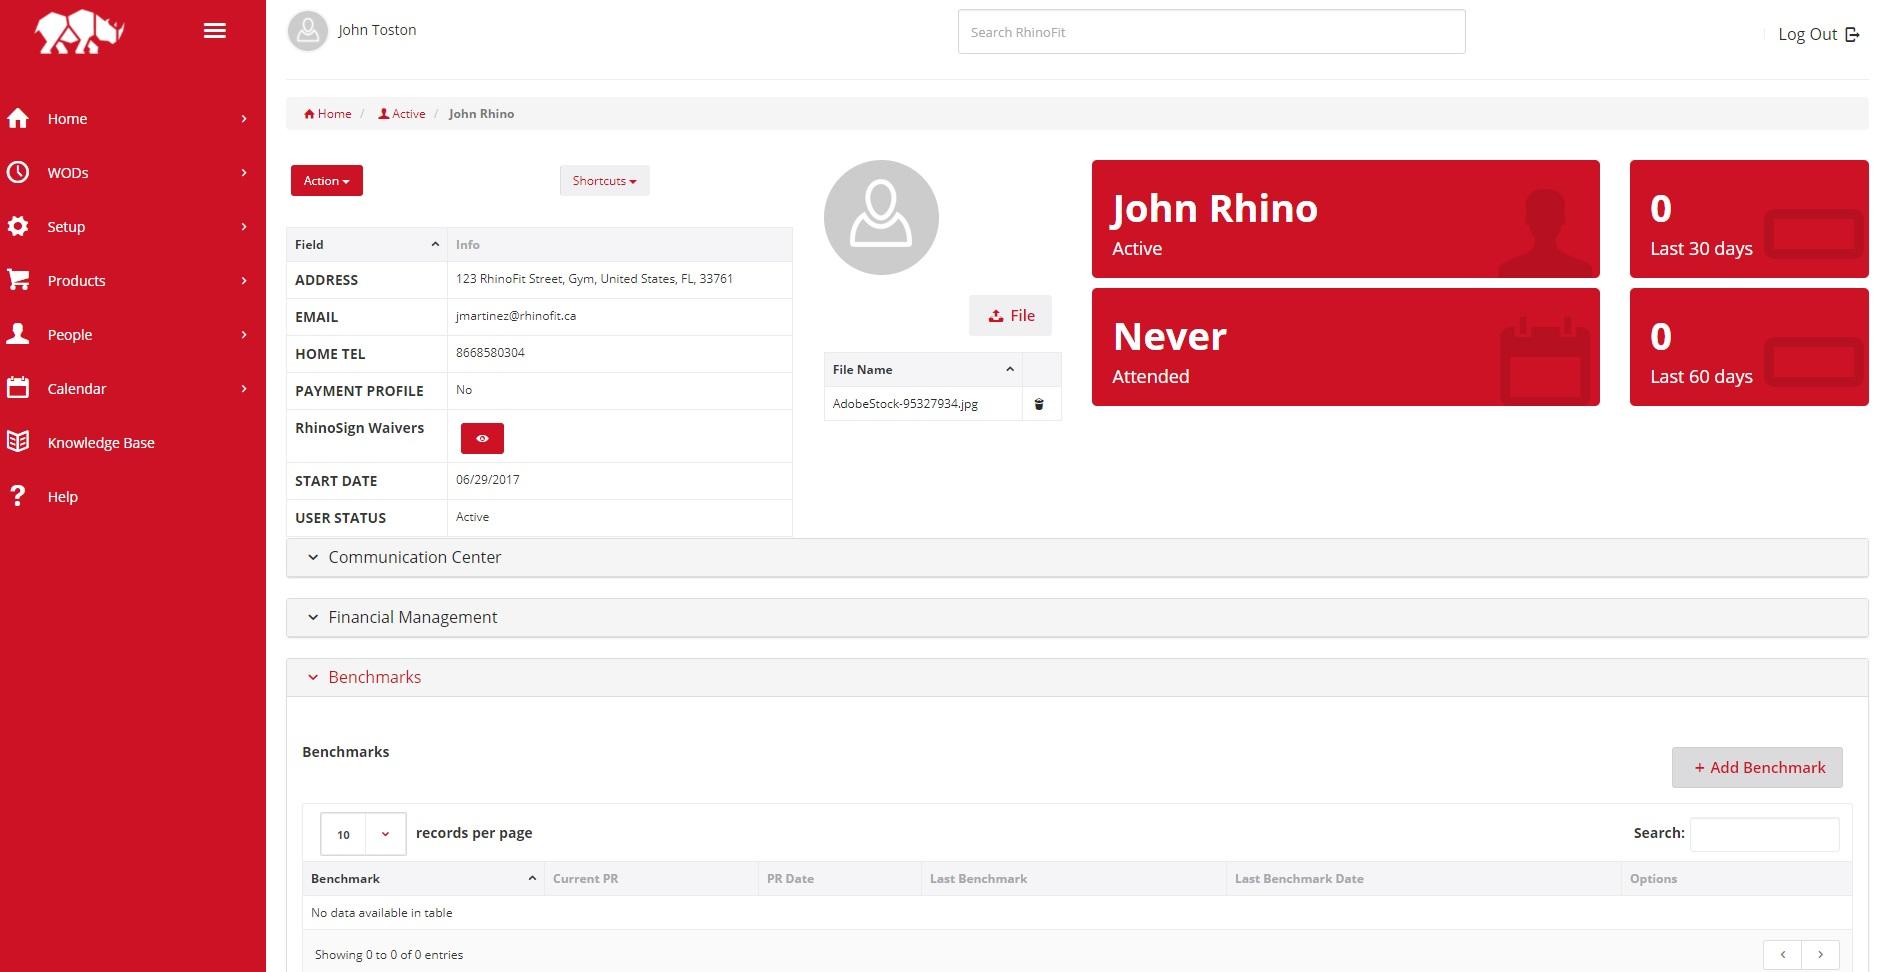 RhinoFit member details